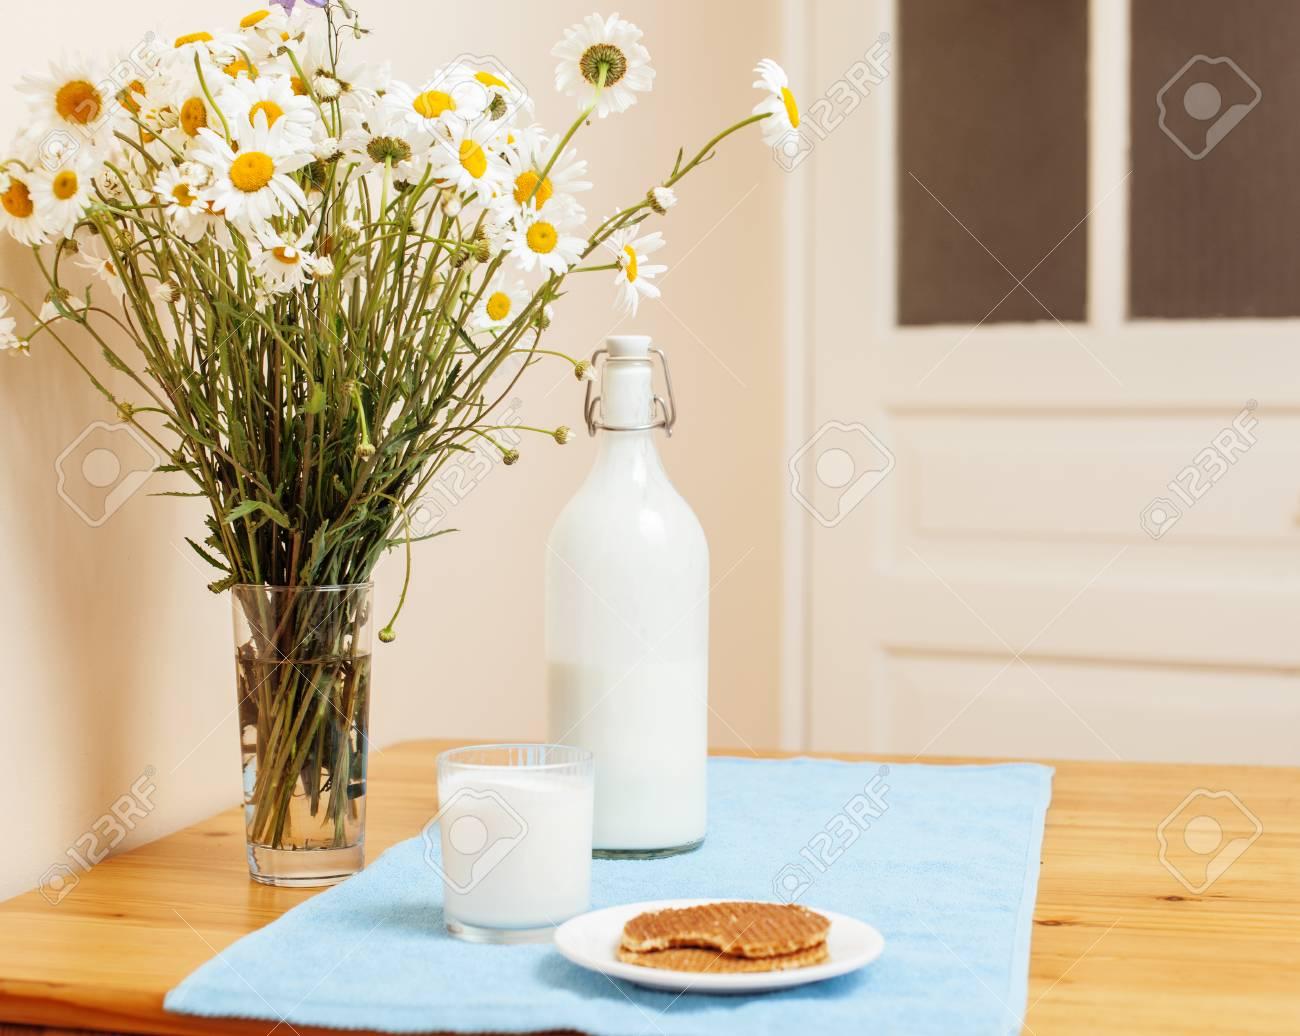 Einfach Stylisch Küche Aus Holz Mit Einer Flasche Milch Und Glas Auf ...